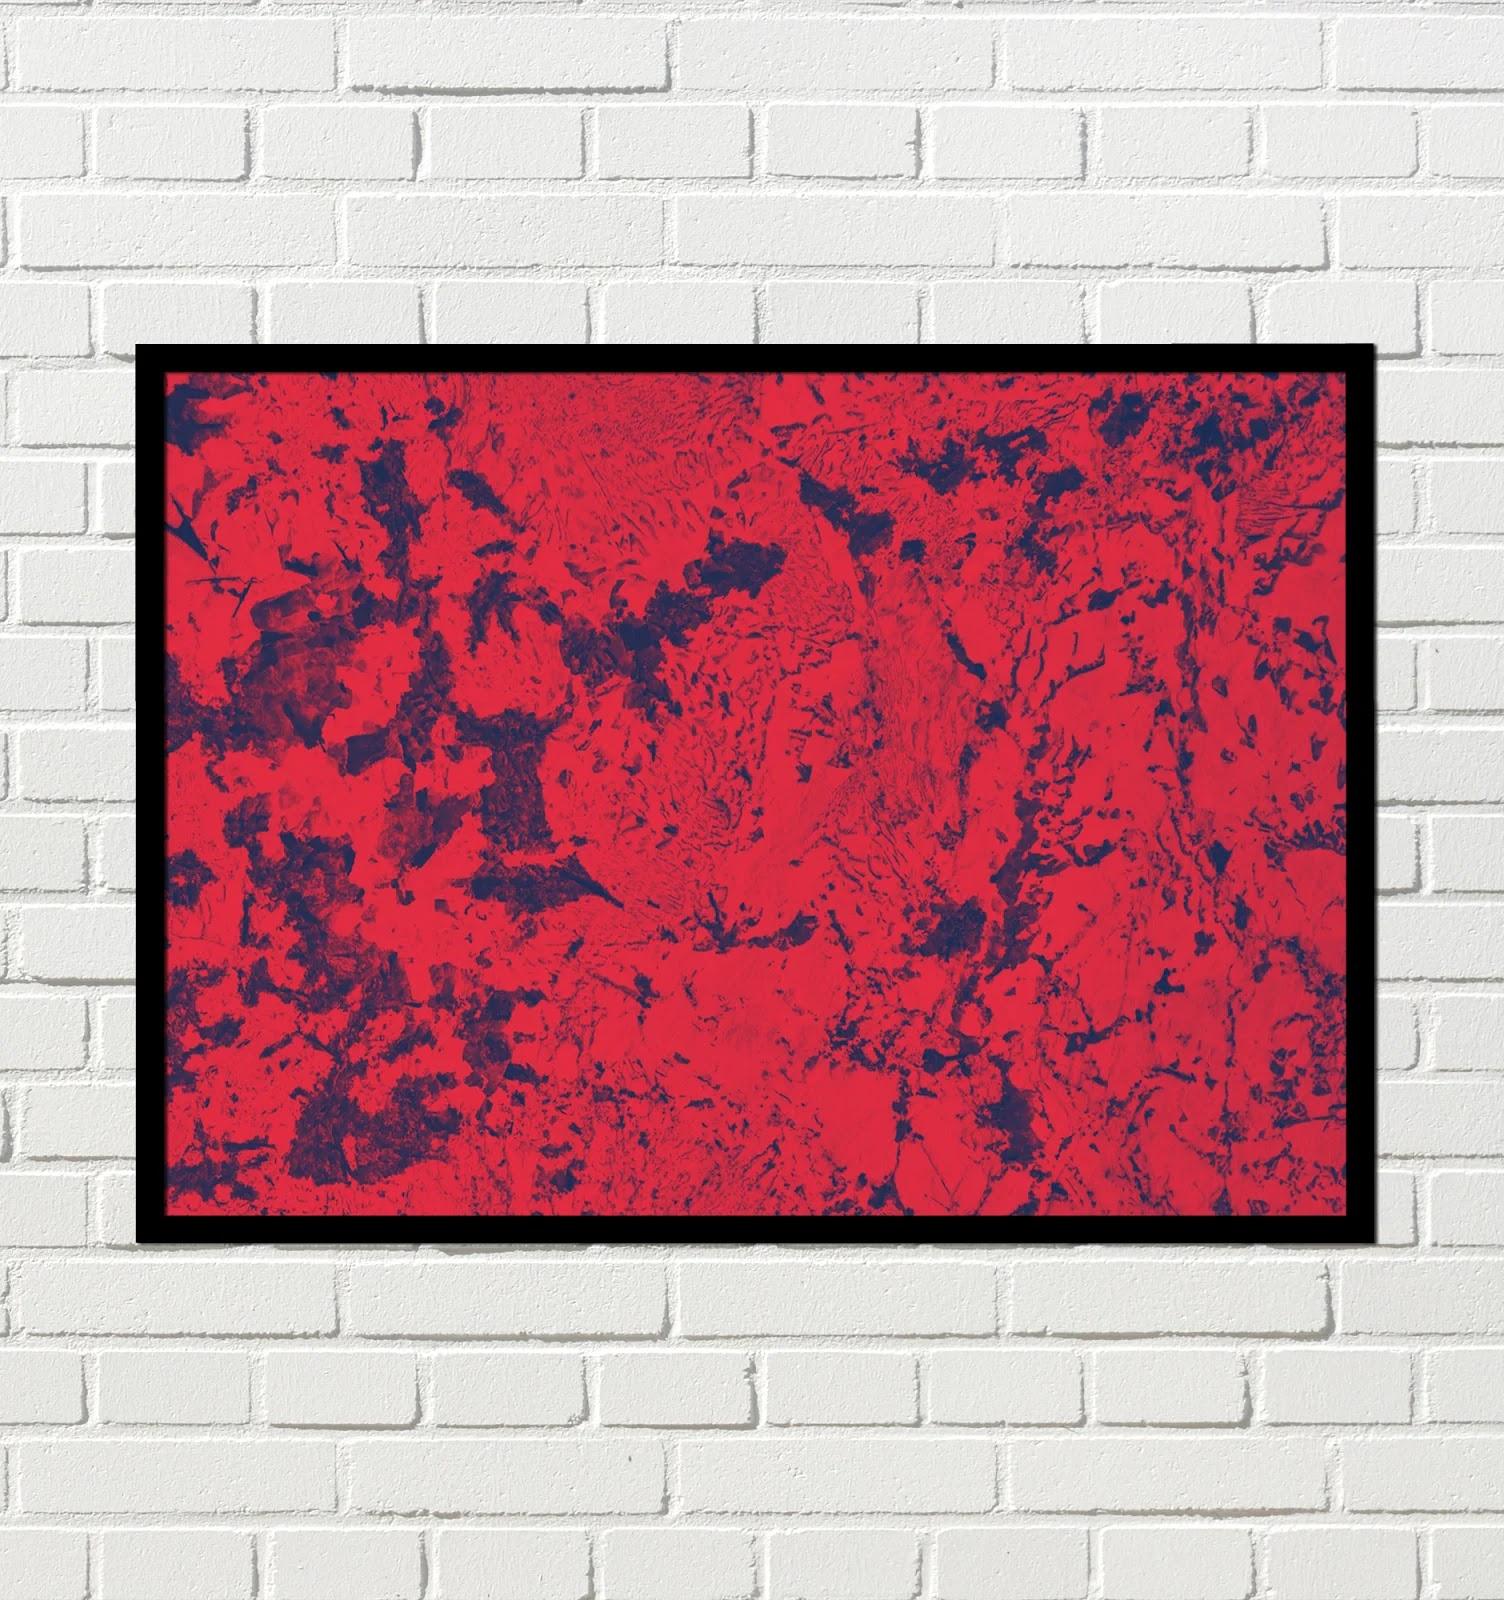 Cuadro Arte abstracto rojo y negro